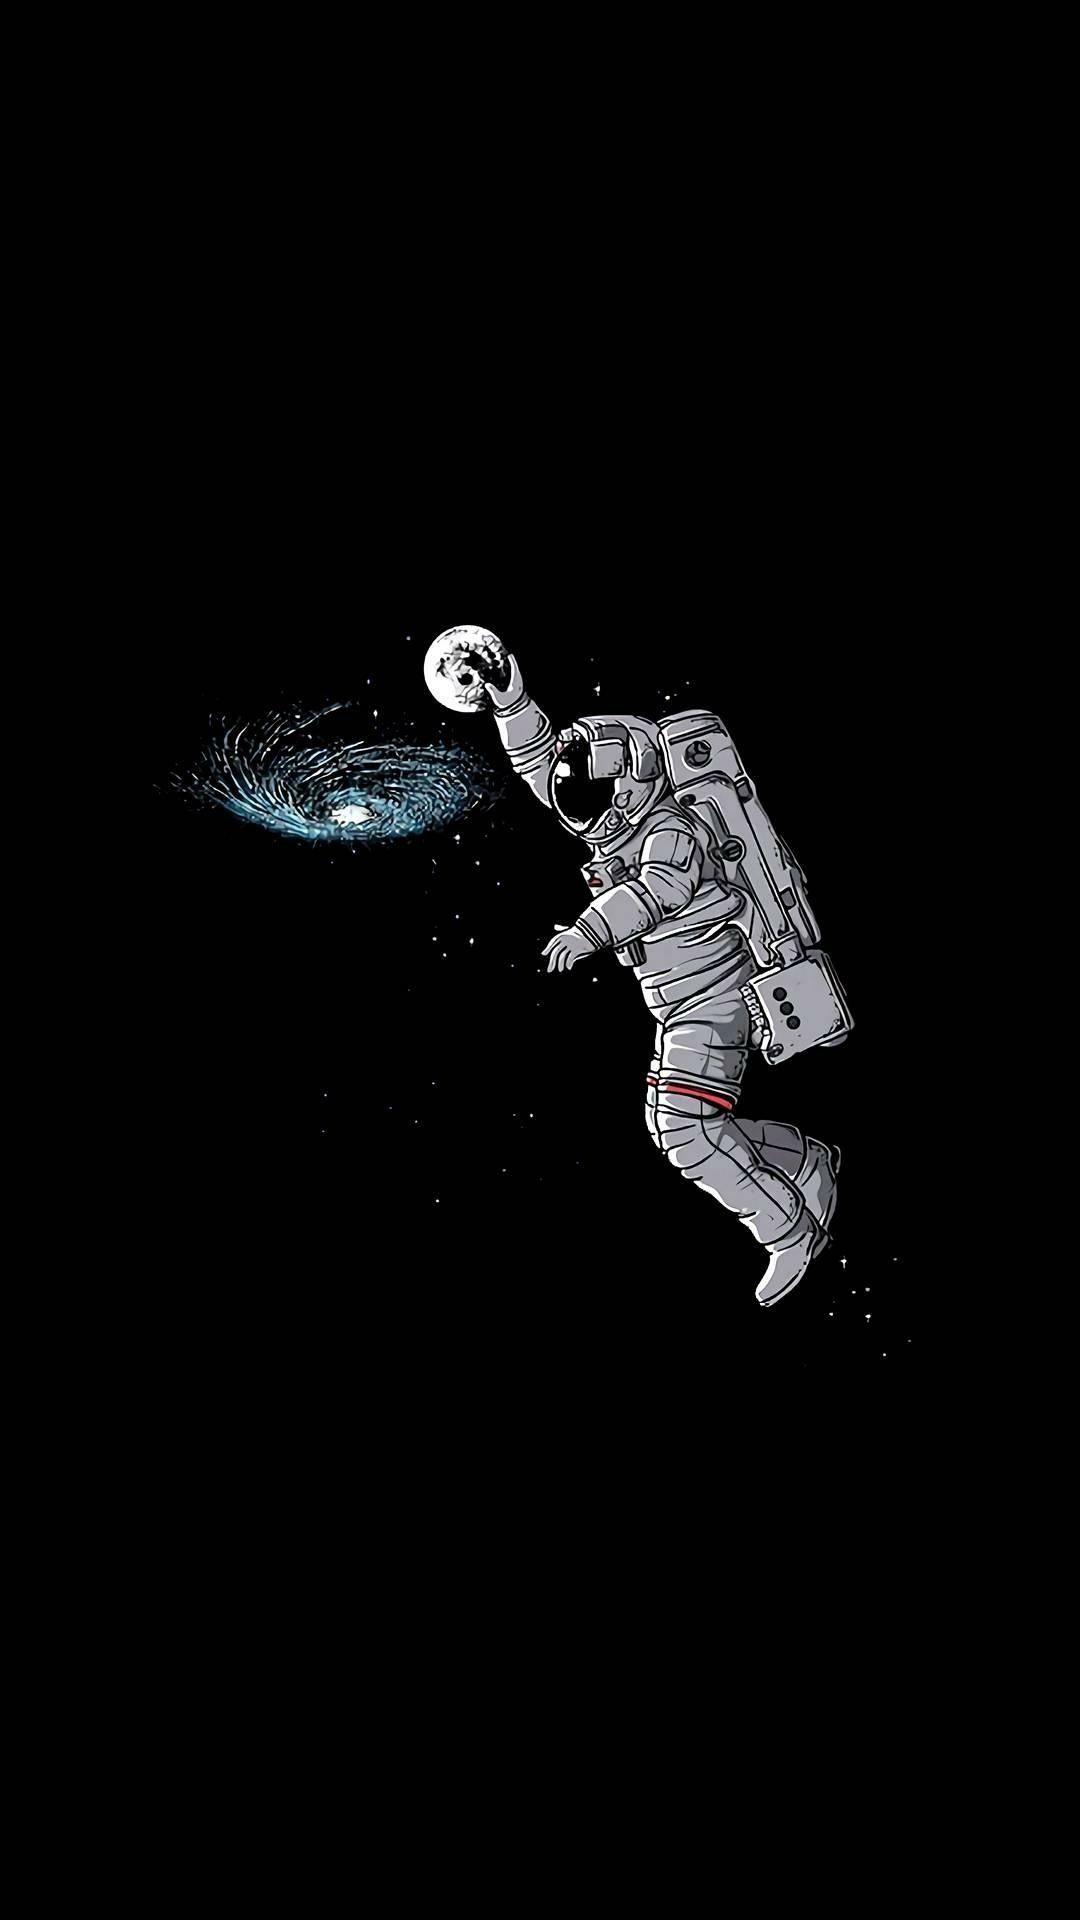 Ios Wallpaper Papel De Parede De Astronauta Papeis De Parede Engracados Imagens Escuras